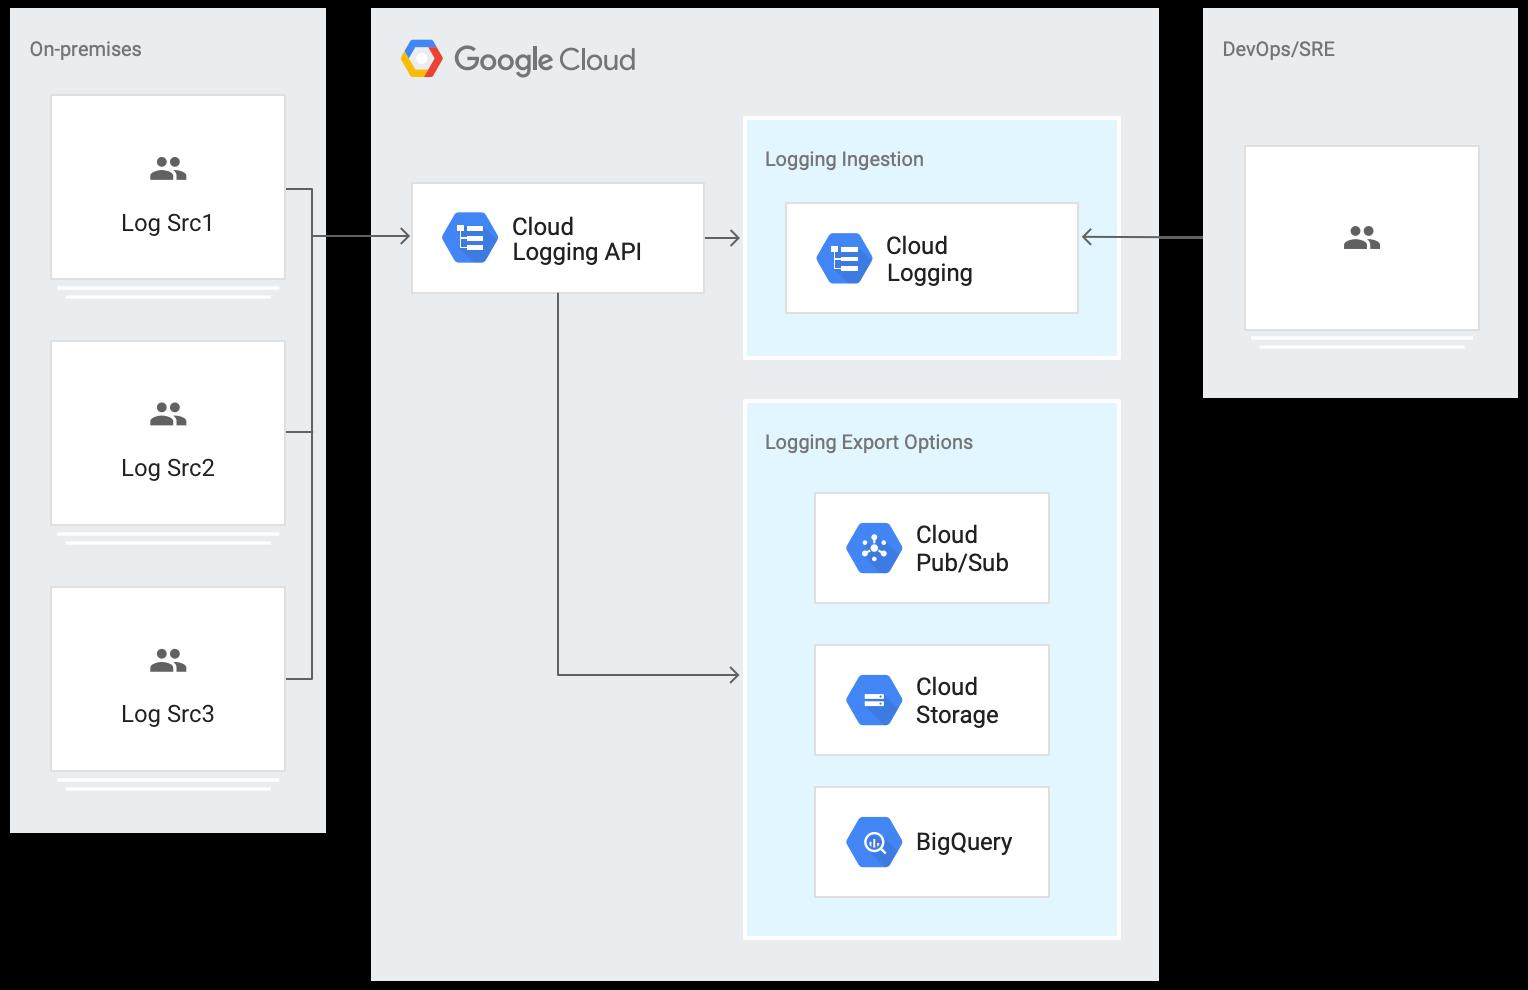 Arquitetura de uso da API Logging para ingerir diretamente registros locais.